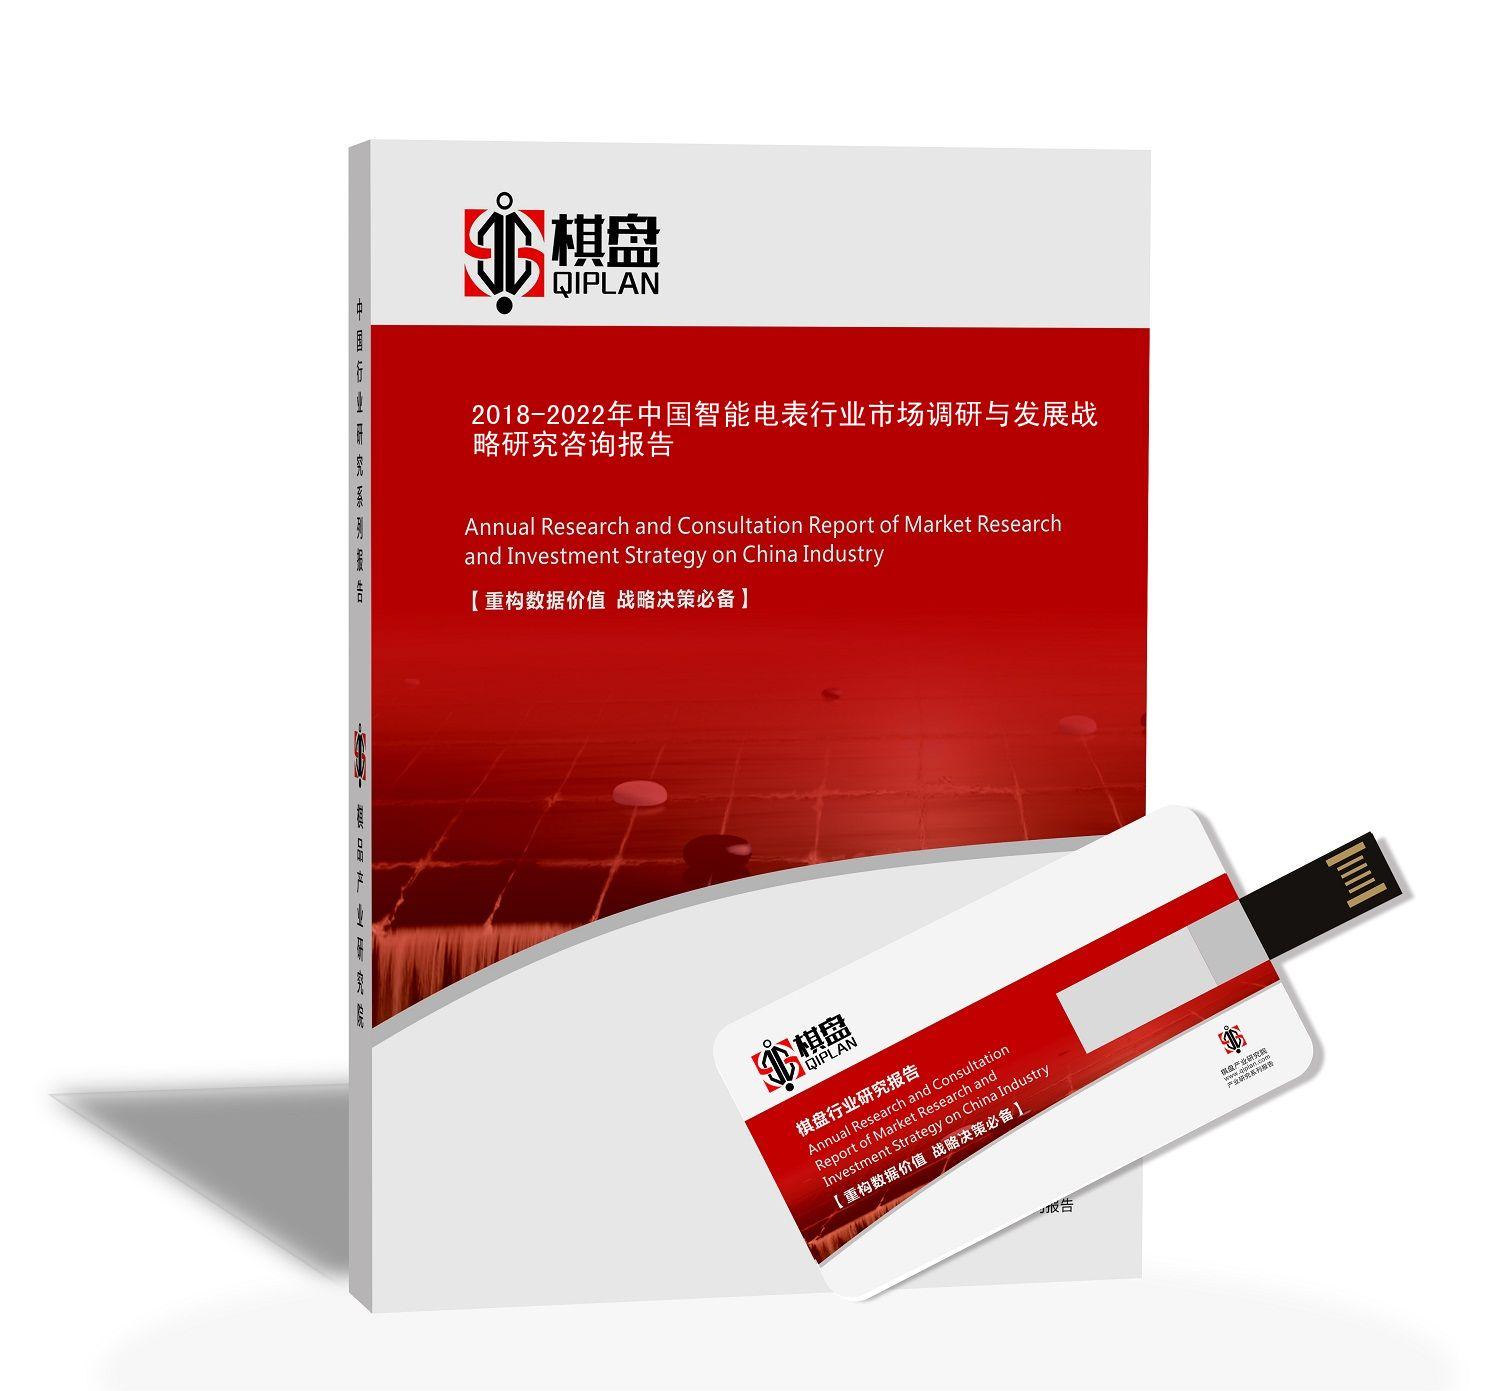 2018-2022年中国智能电表行业市场调研与发展战略研究咨询报告